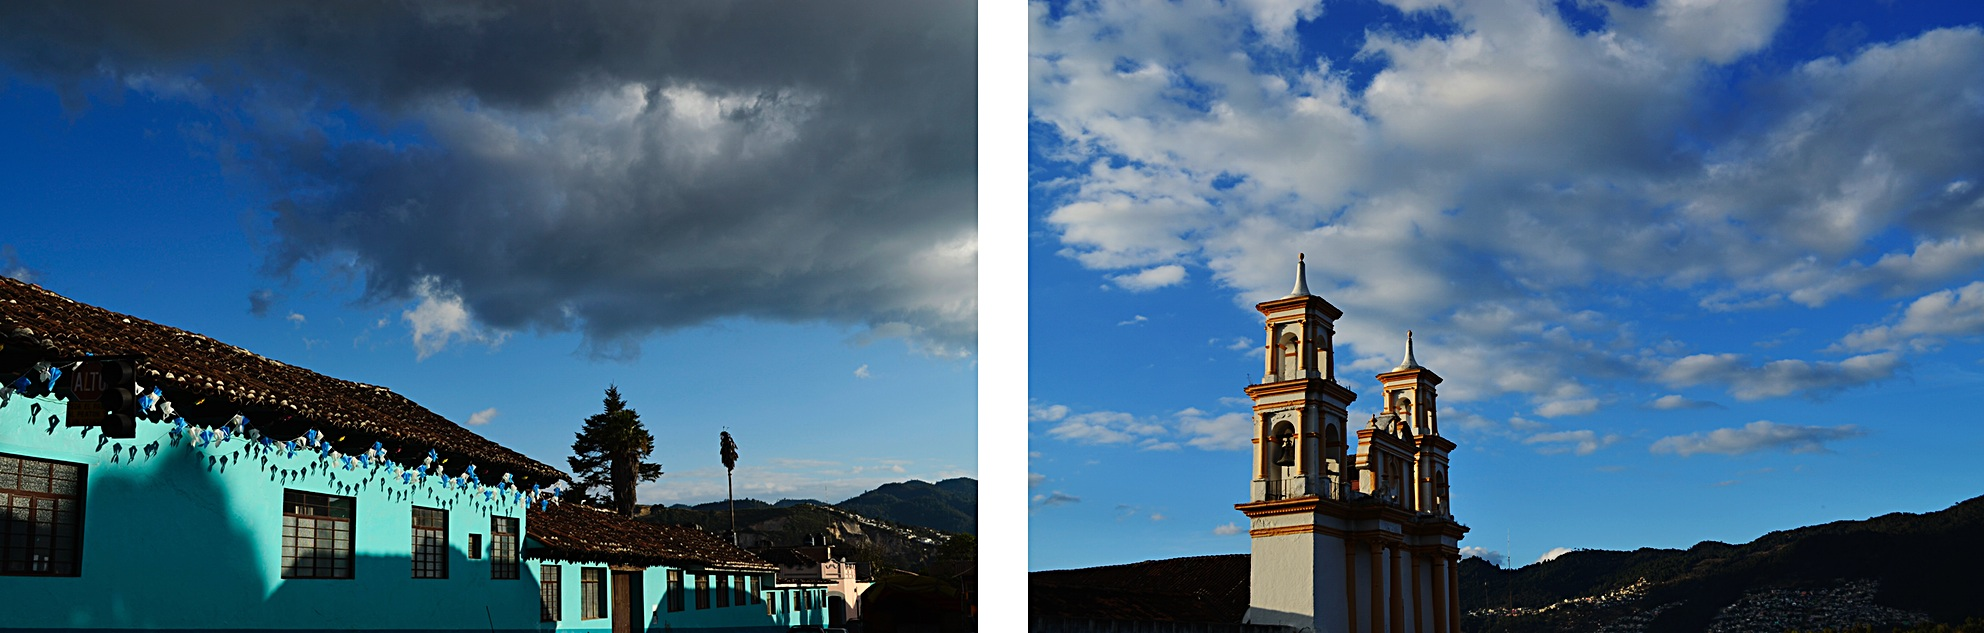 San_Cristóbal_de_las_Casas_9